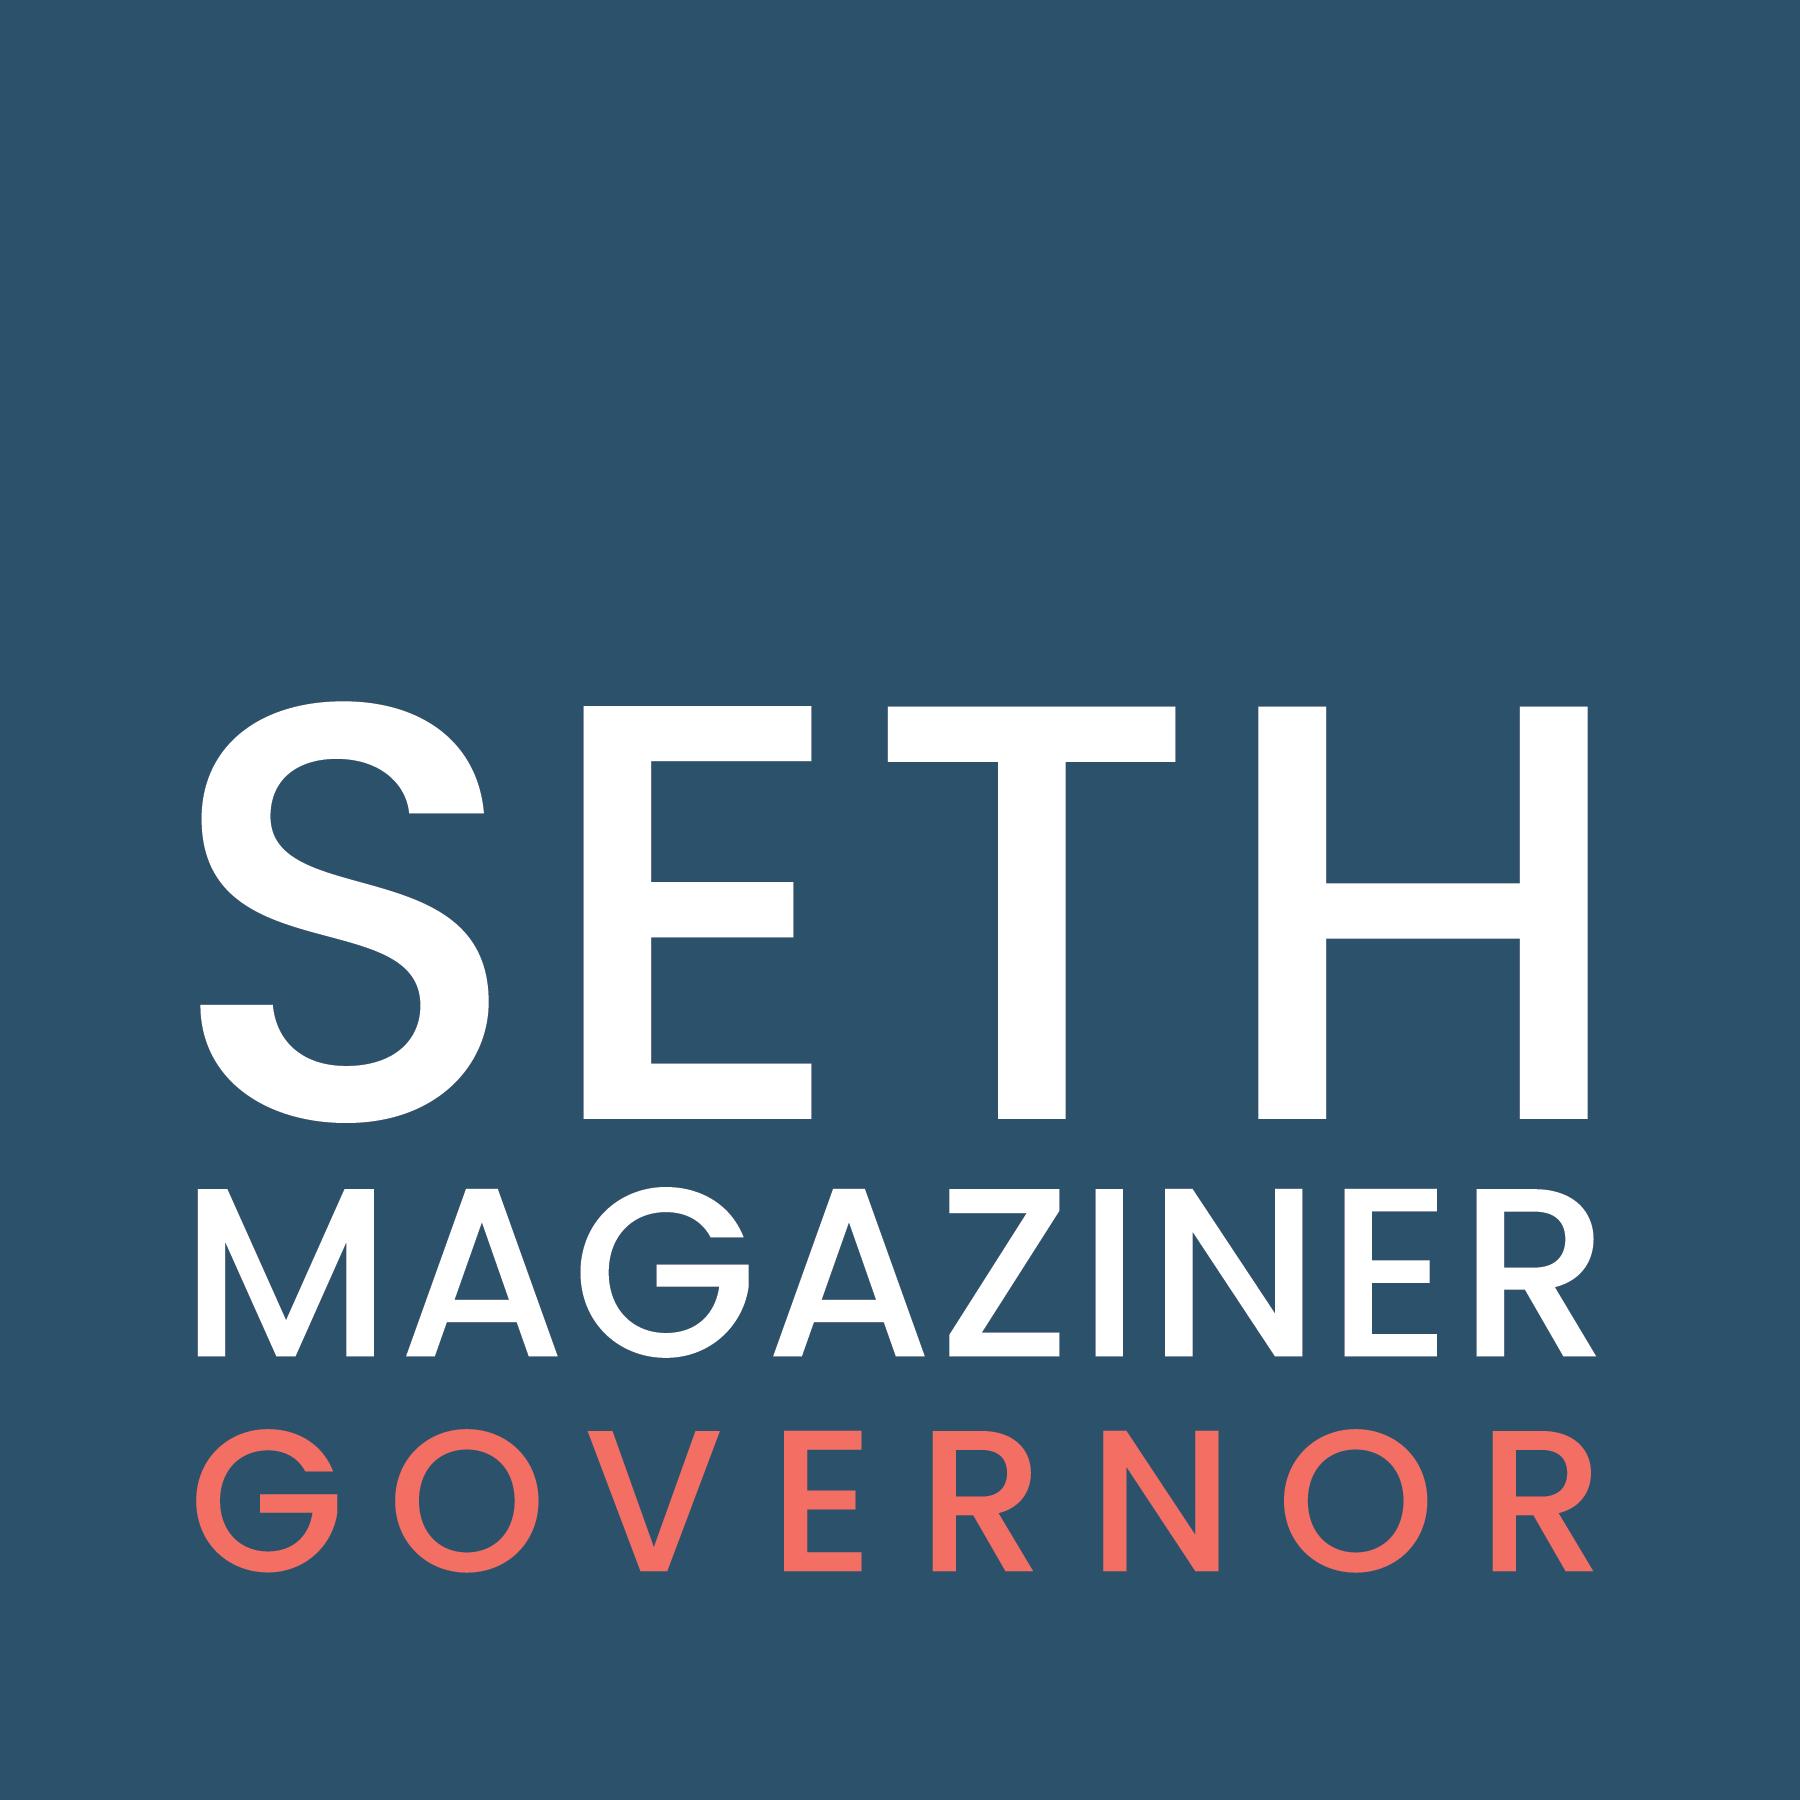 Seth Magaziner